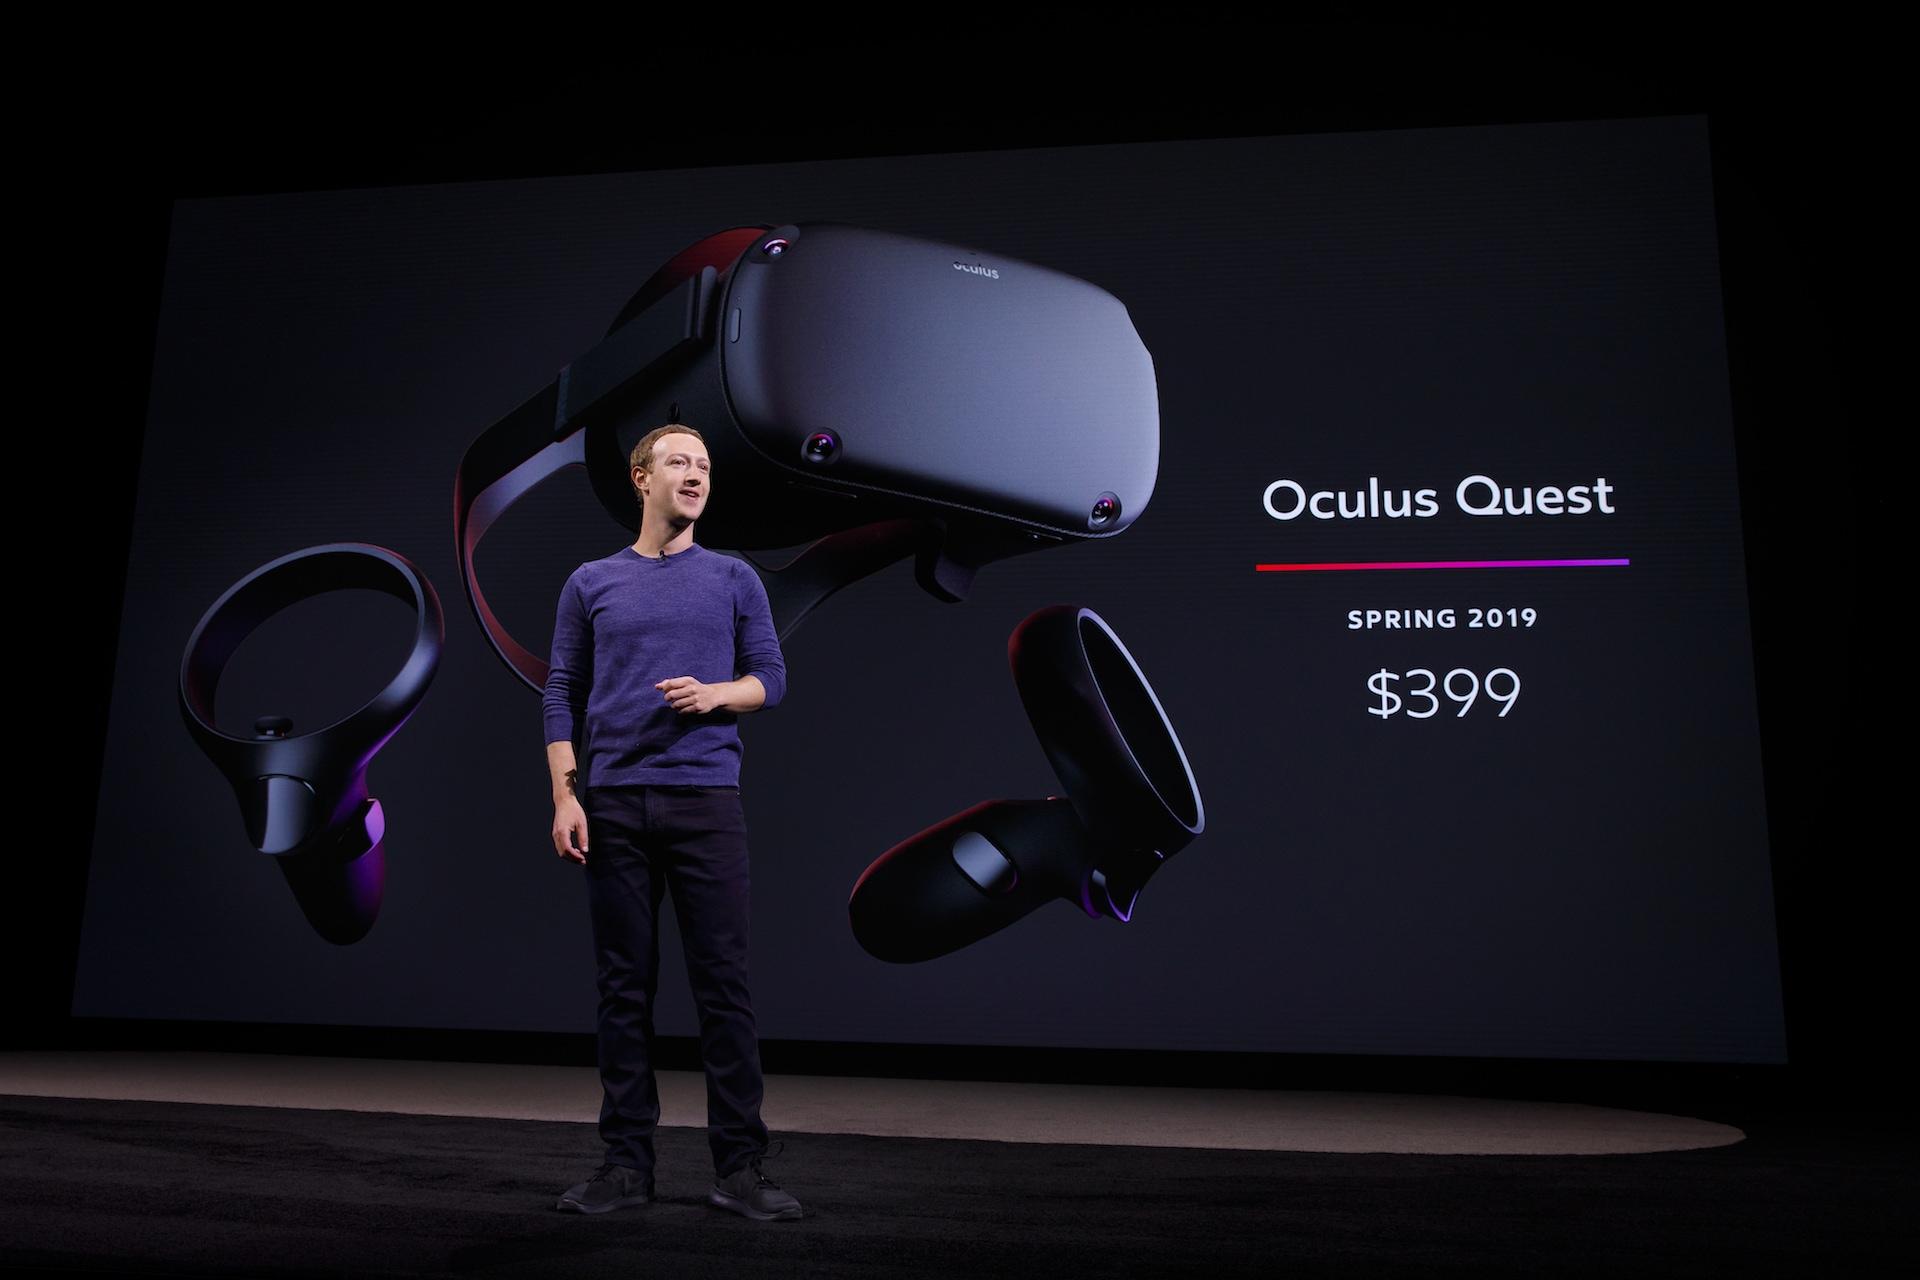 Šéf a zakladatel Facebooku Mark Zuckerberg při představení nového Oculusu